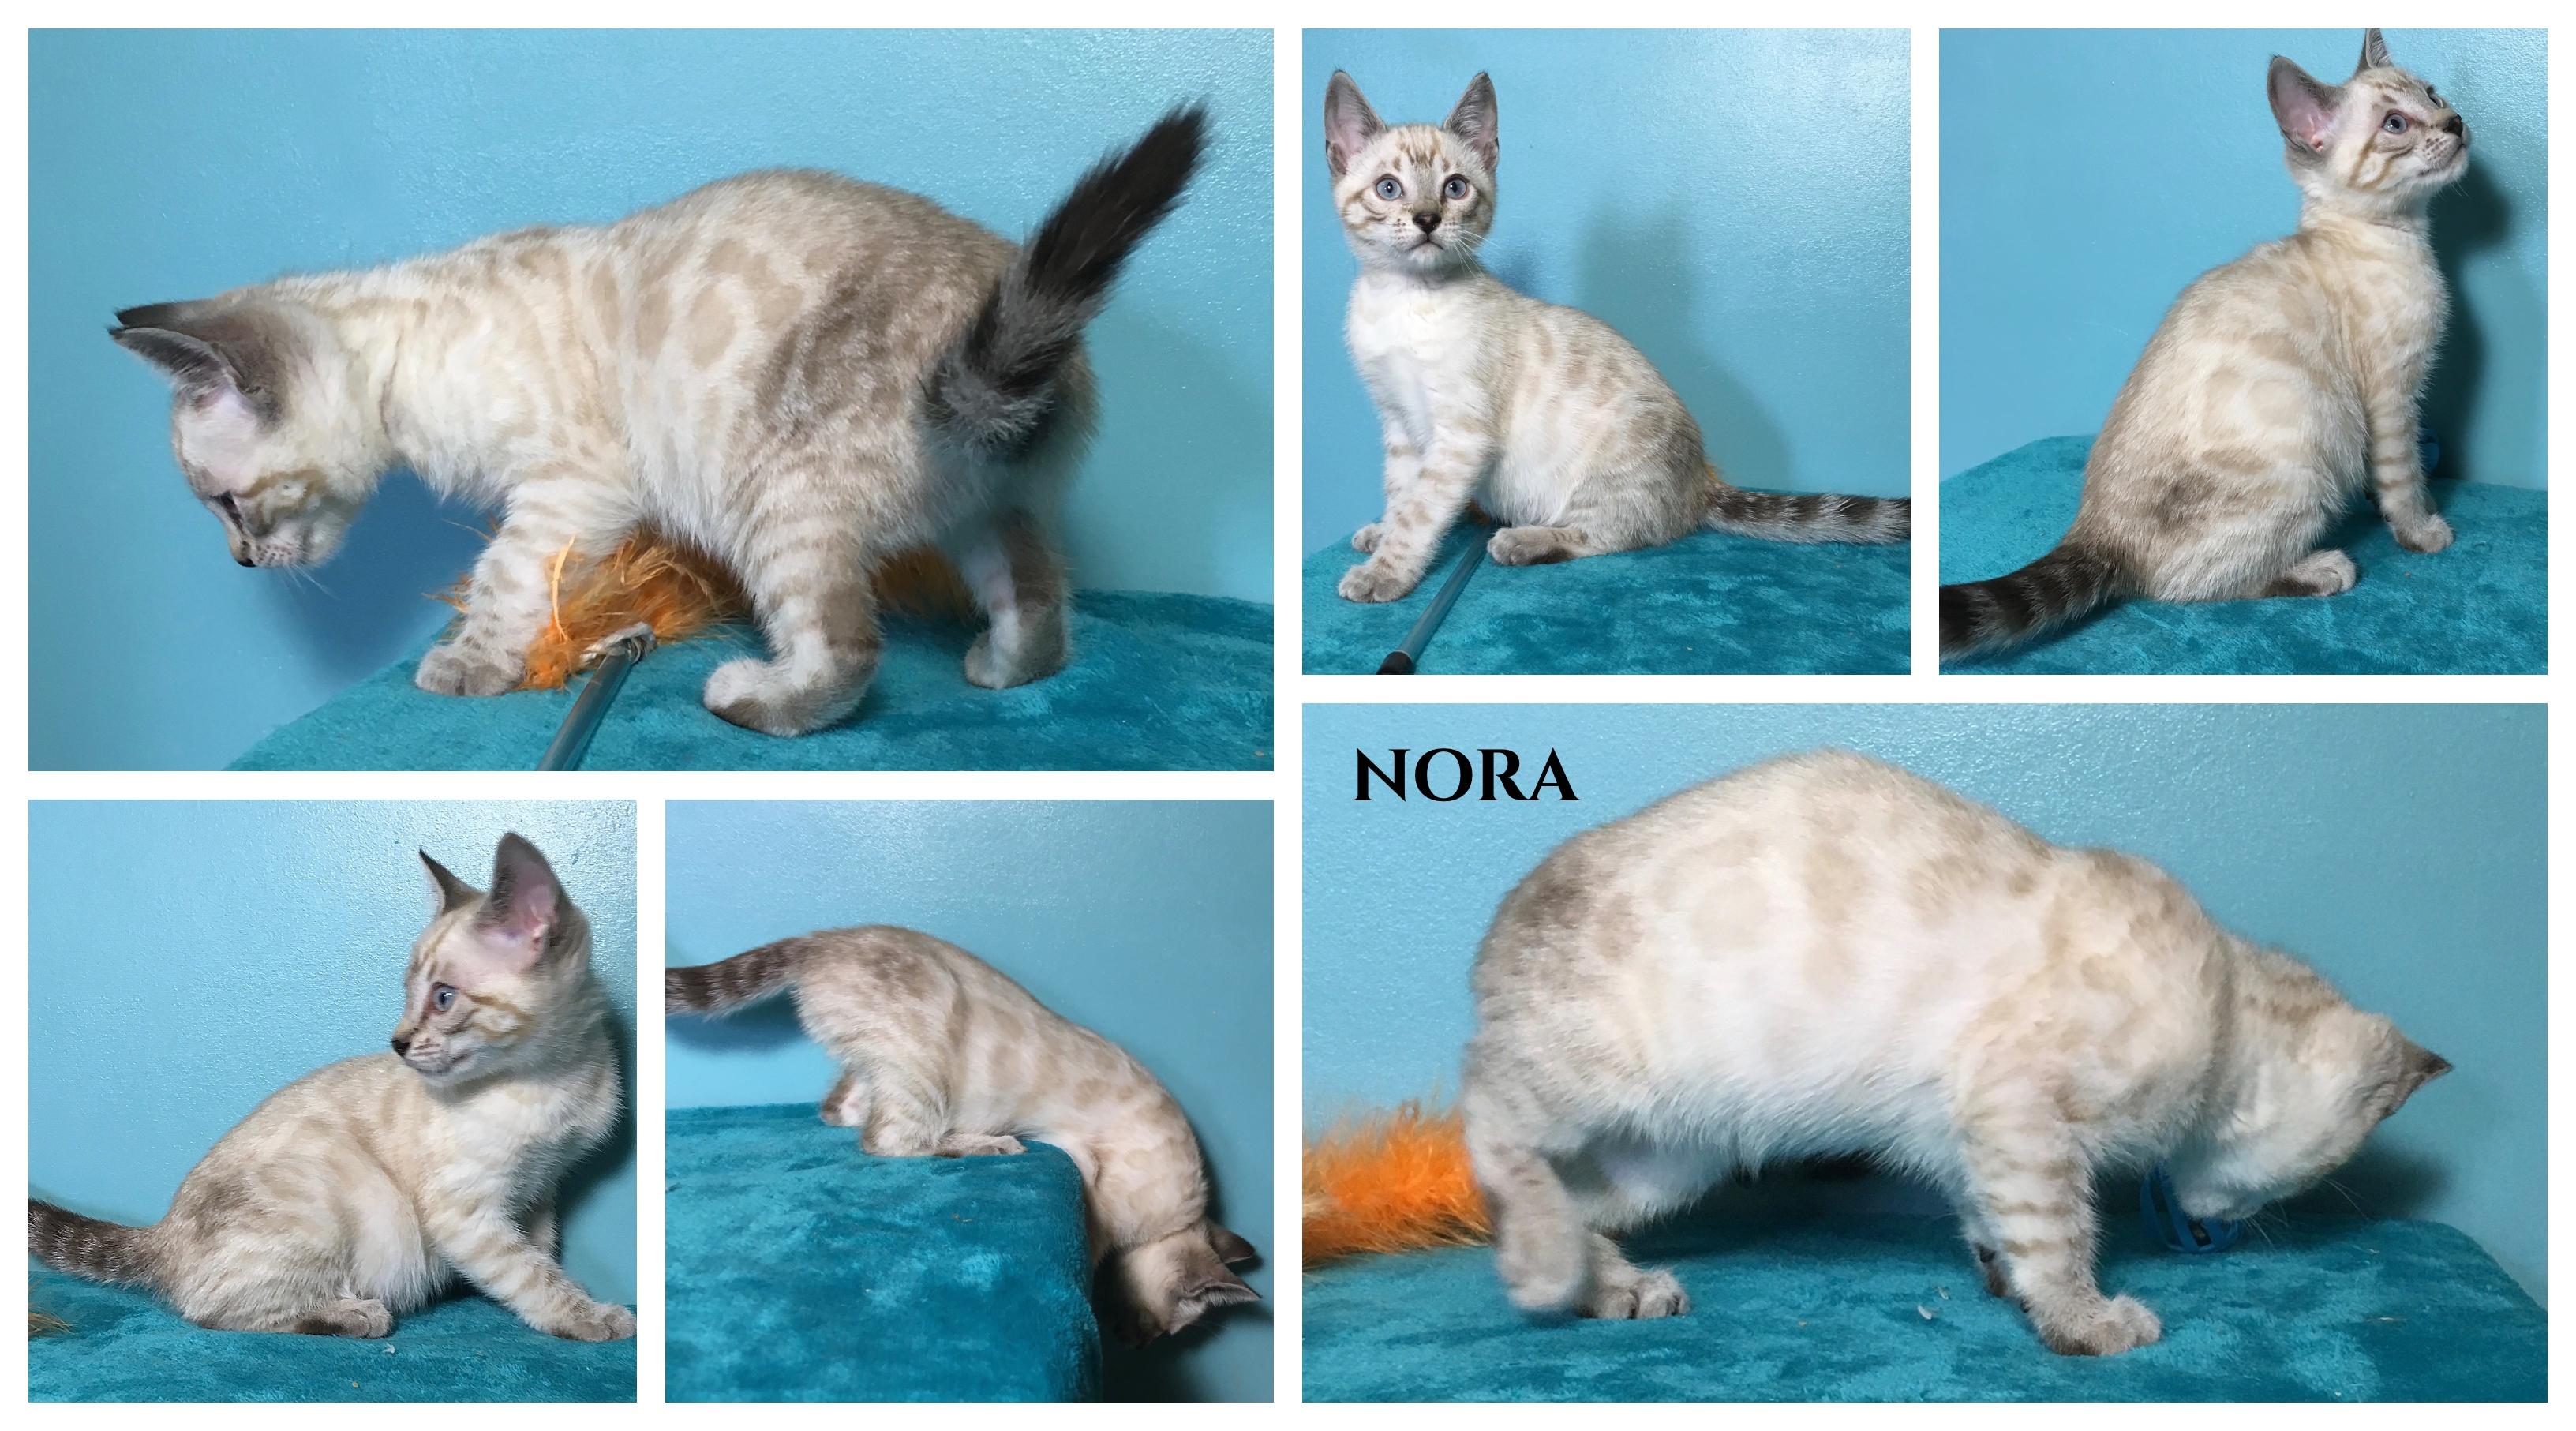 Nora 11 weeks